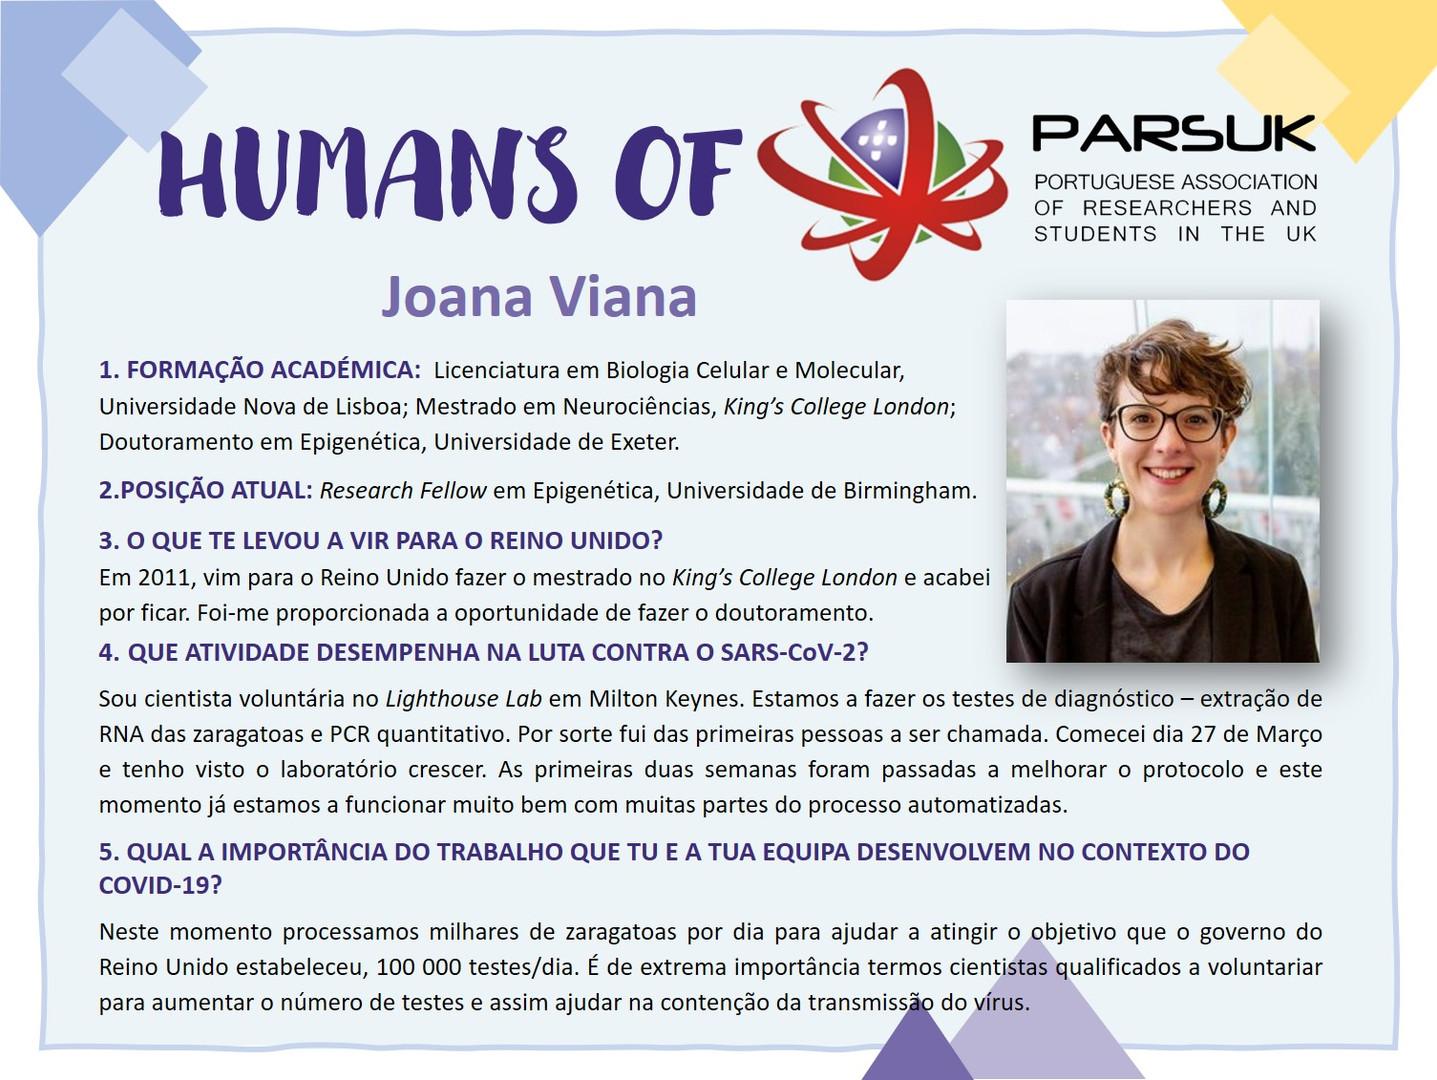 4.Joana Viana.jpg